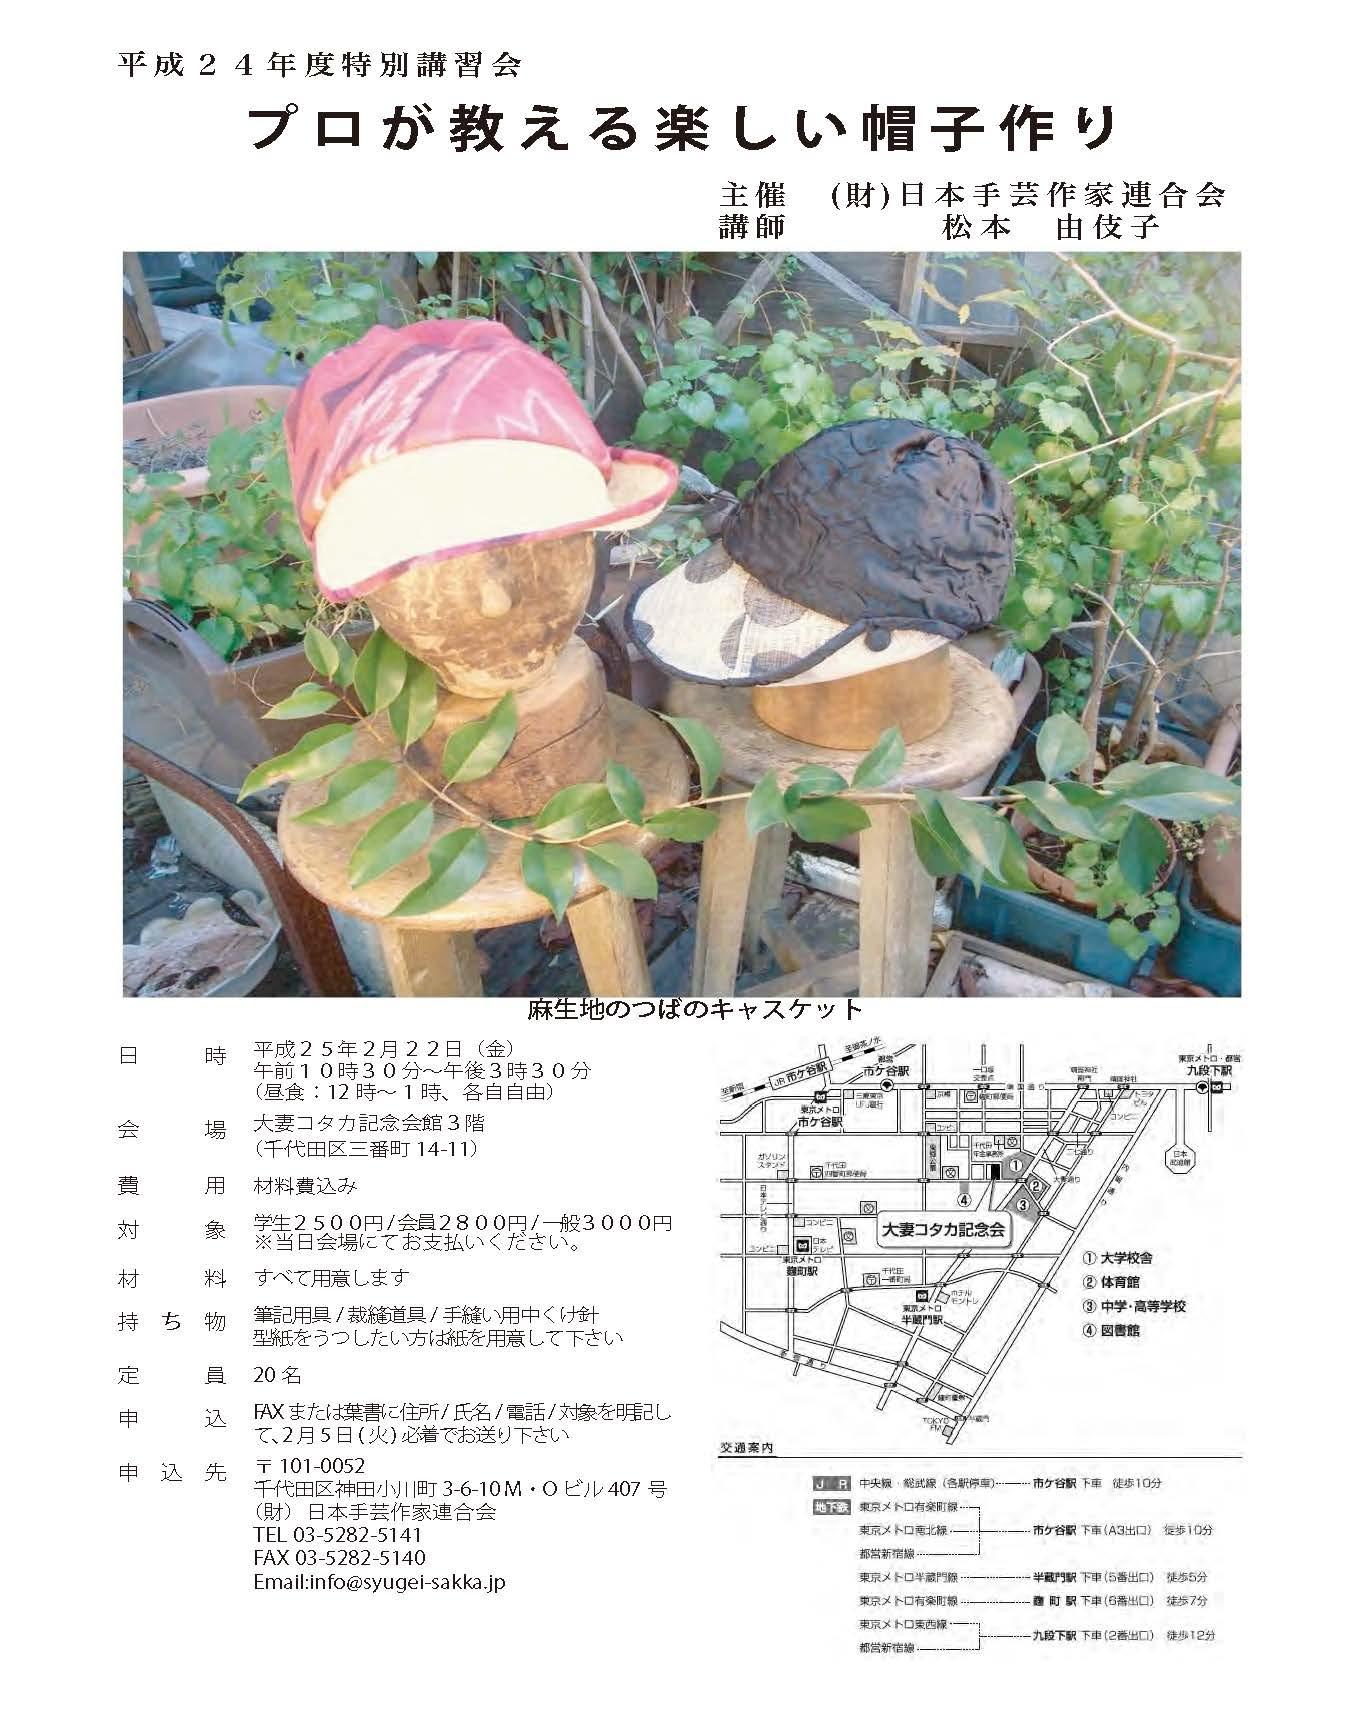 kousyukai-20130222